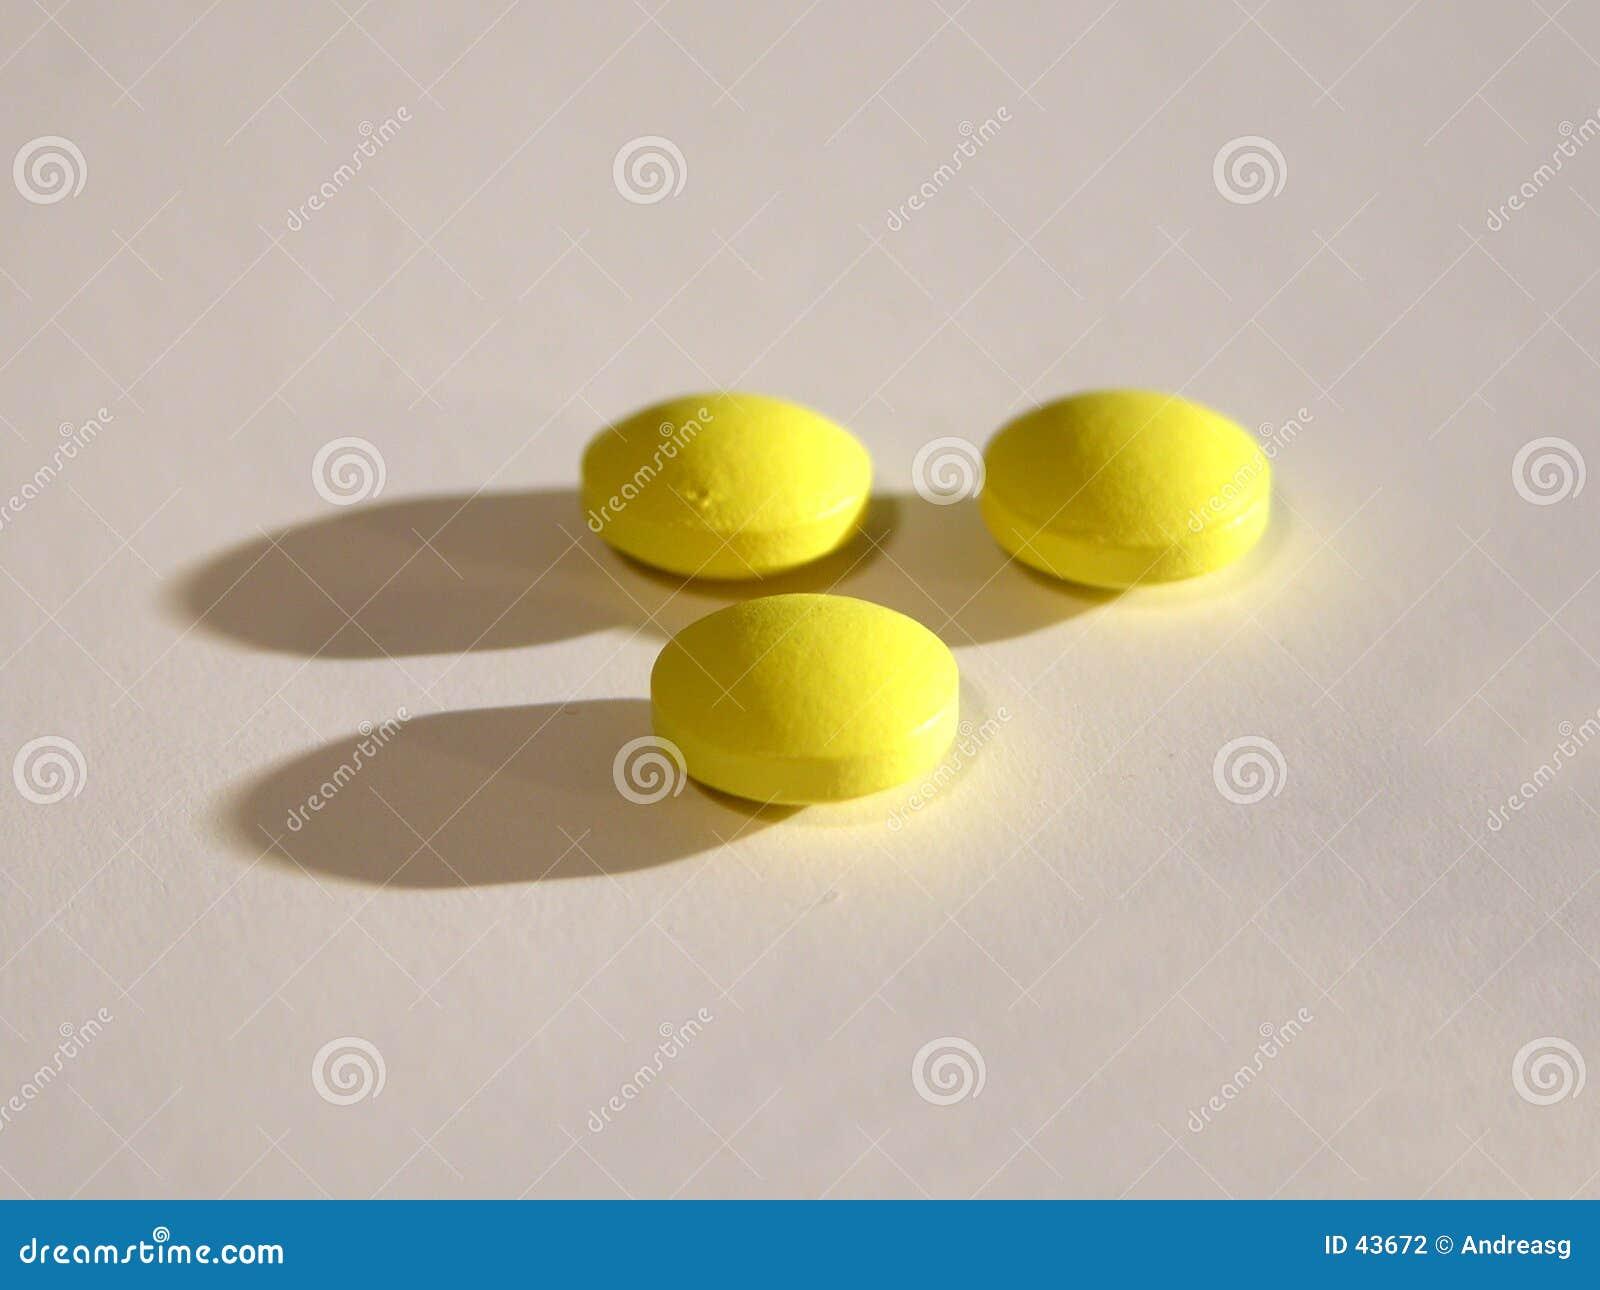 3 pillules jaunes